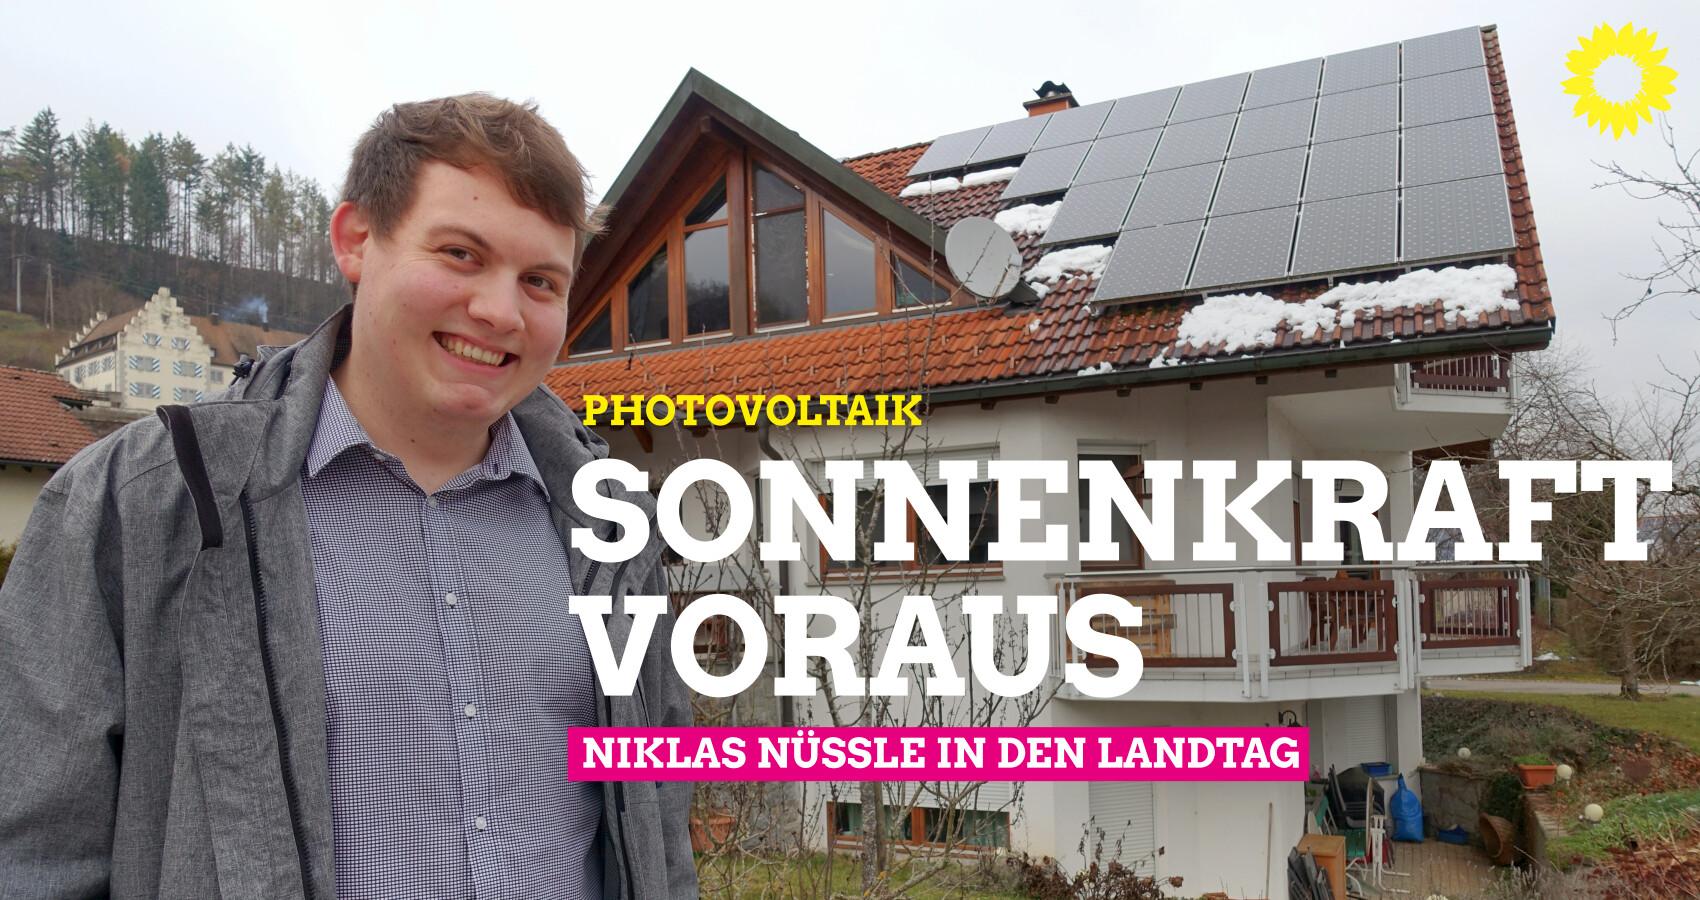 Photovoltaik: Sonnenkraft voraus